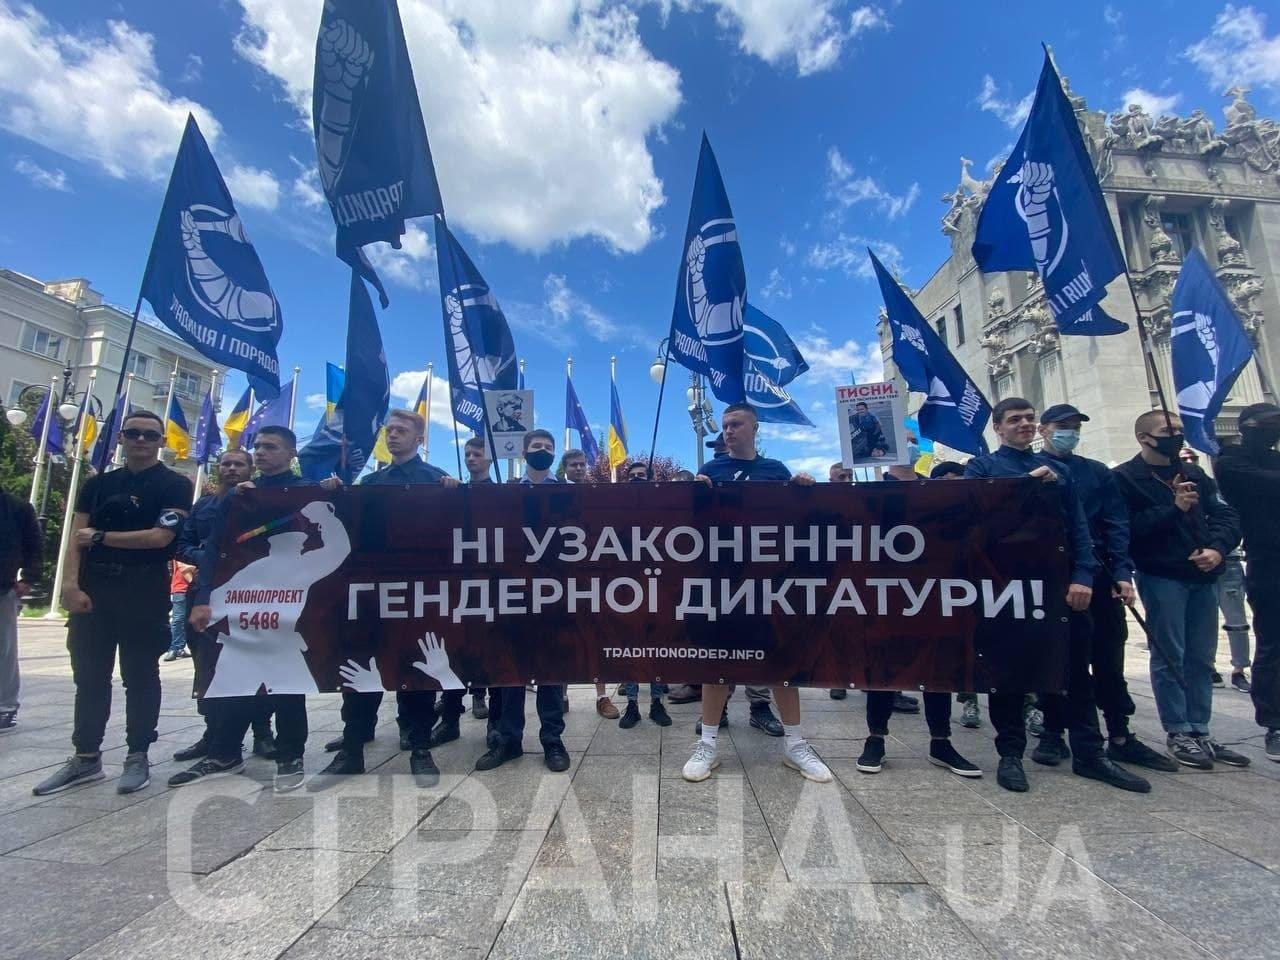 Жители Днепра не поддержали популяризацию ЛГБТ-сообщества от Приватбанка, фото-3